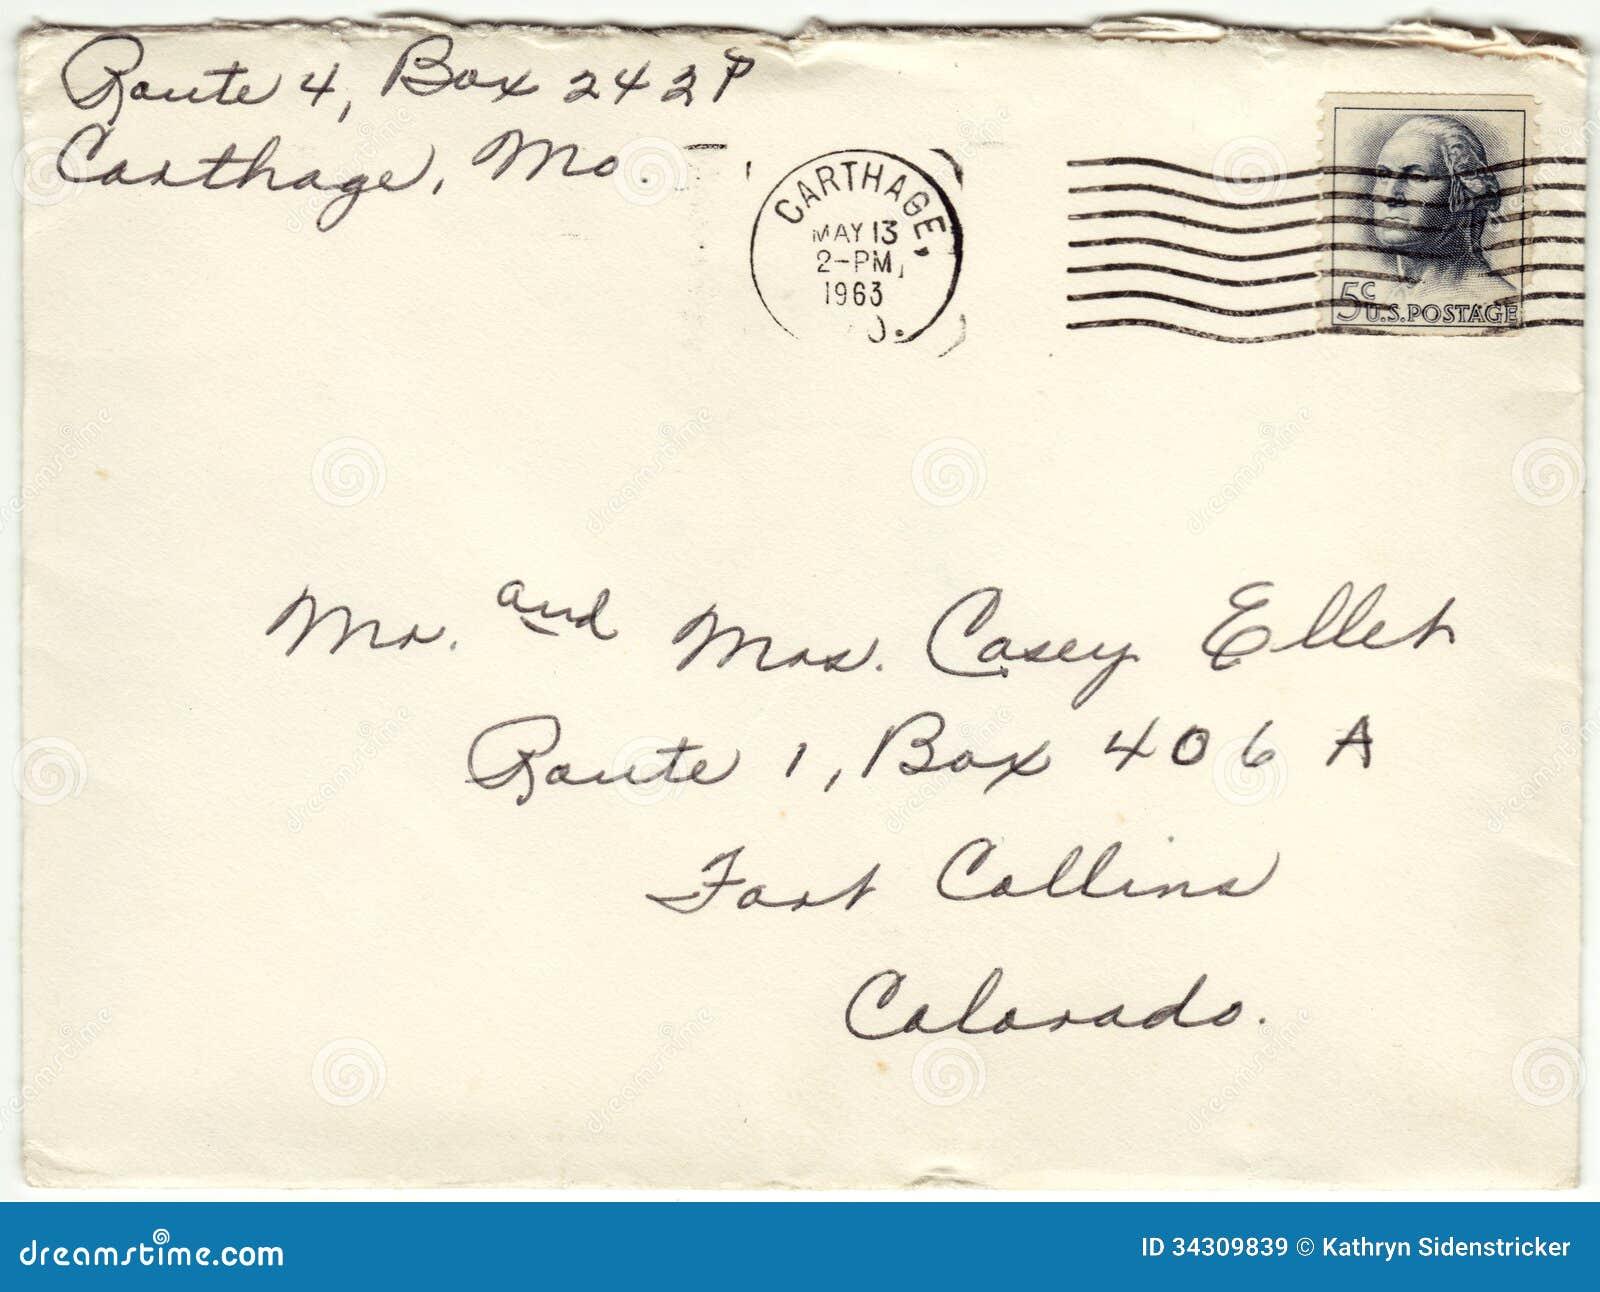 1963 envelope cancelled postage letter